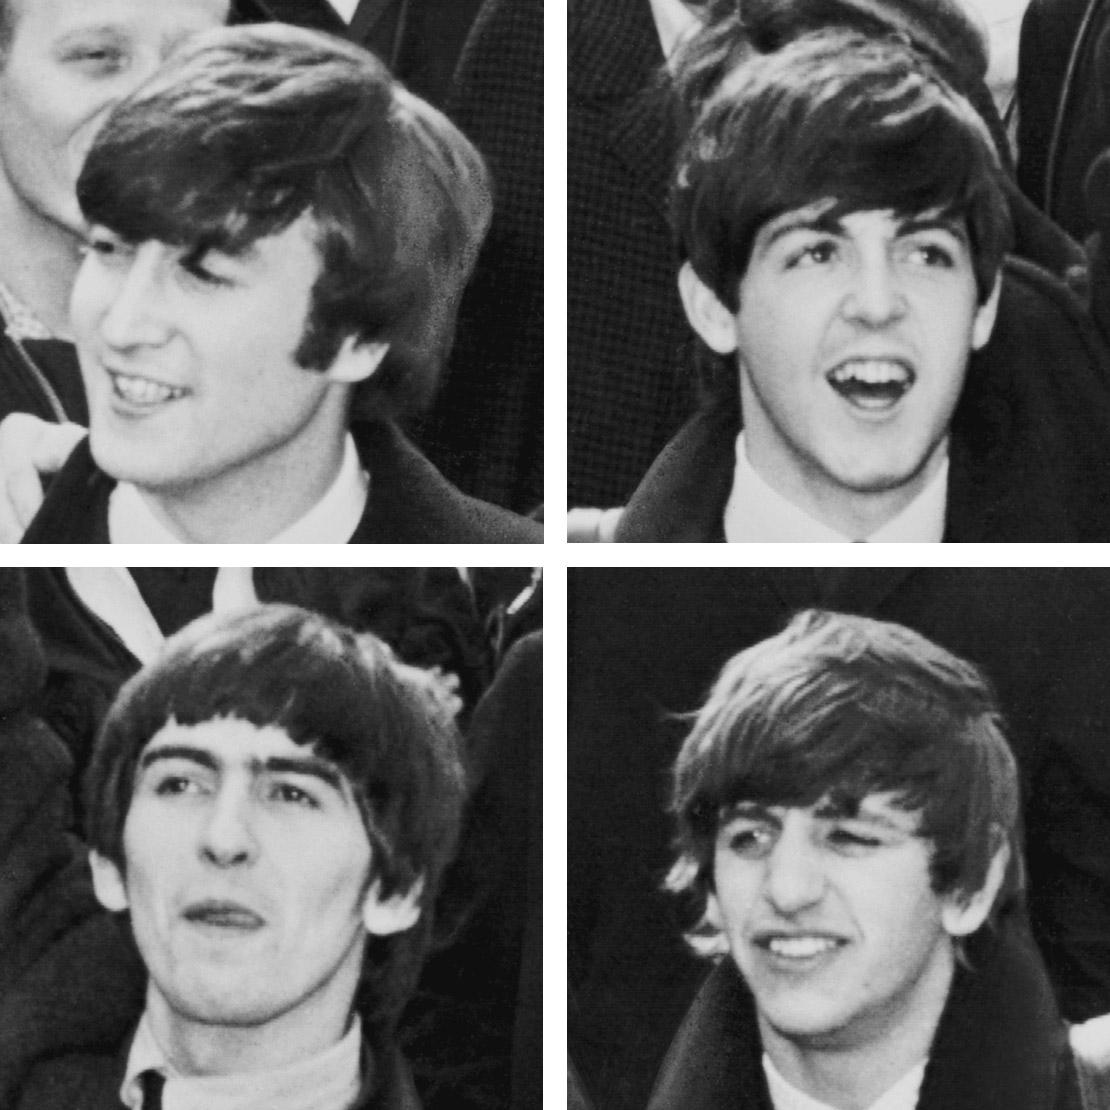 Sejarah Singkat Perjalanan Band The Beatles